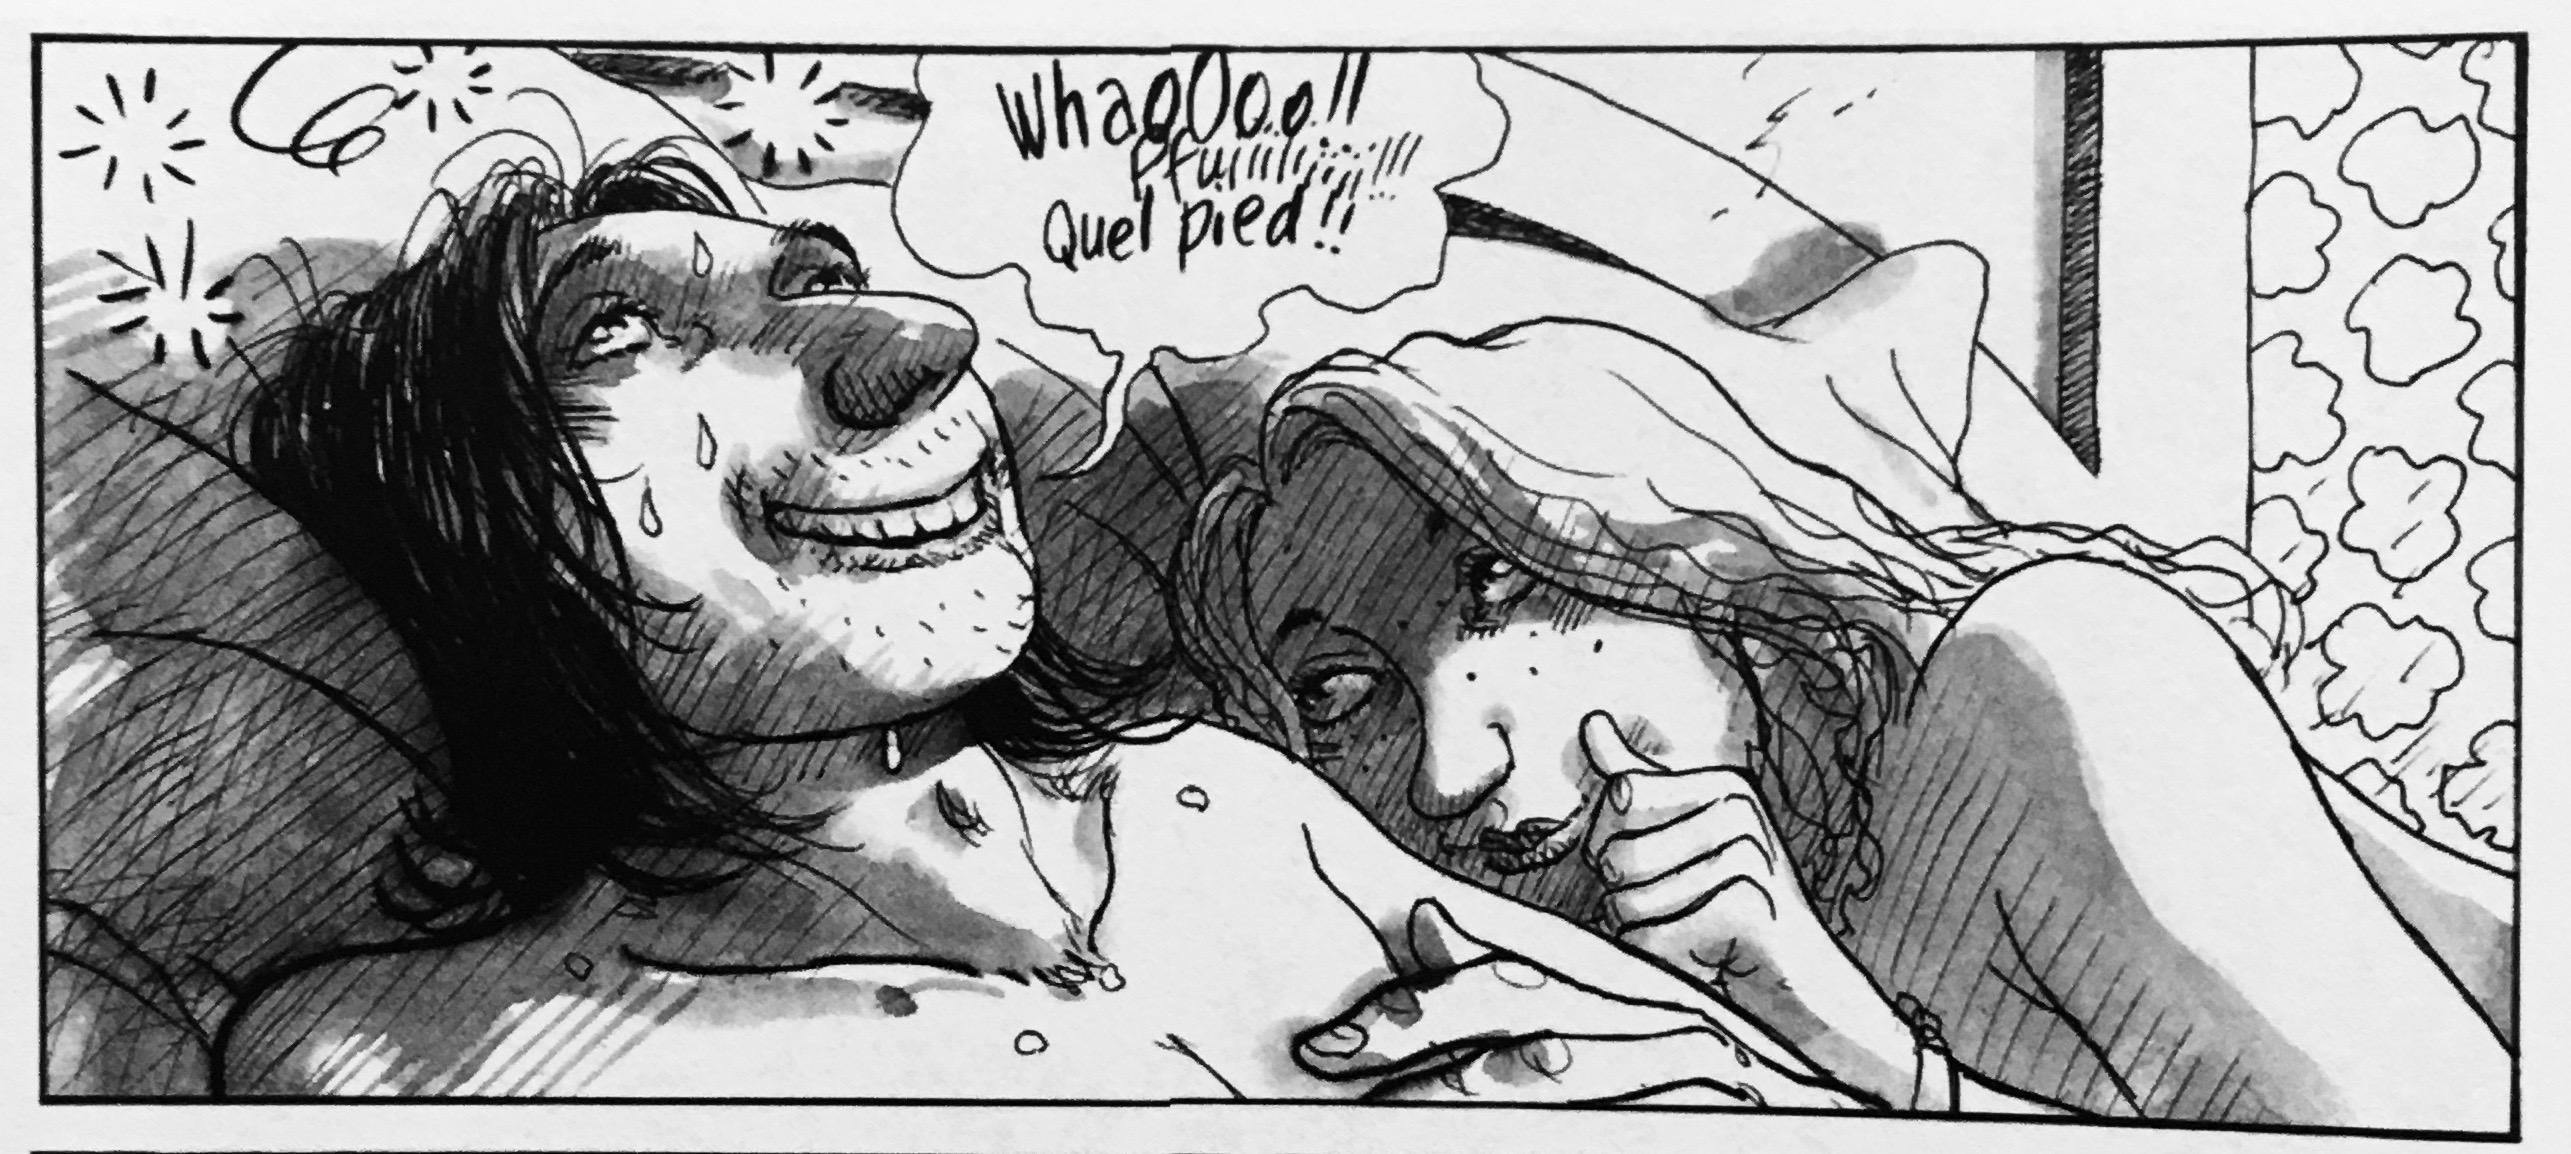 dessins faunes satyres erotiques images erotiques comics